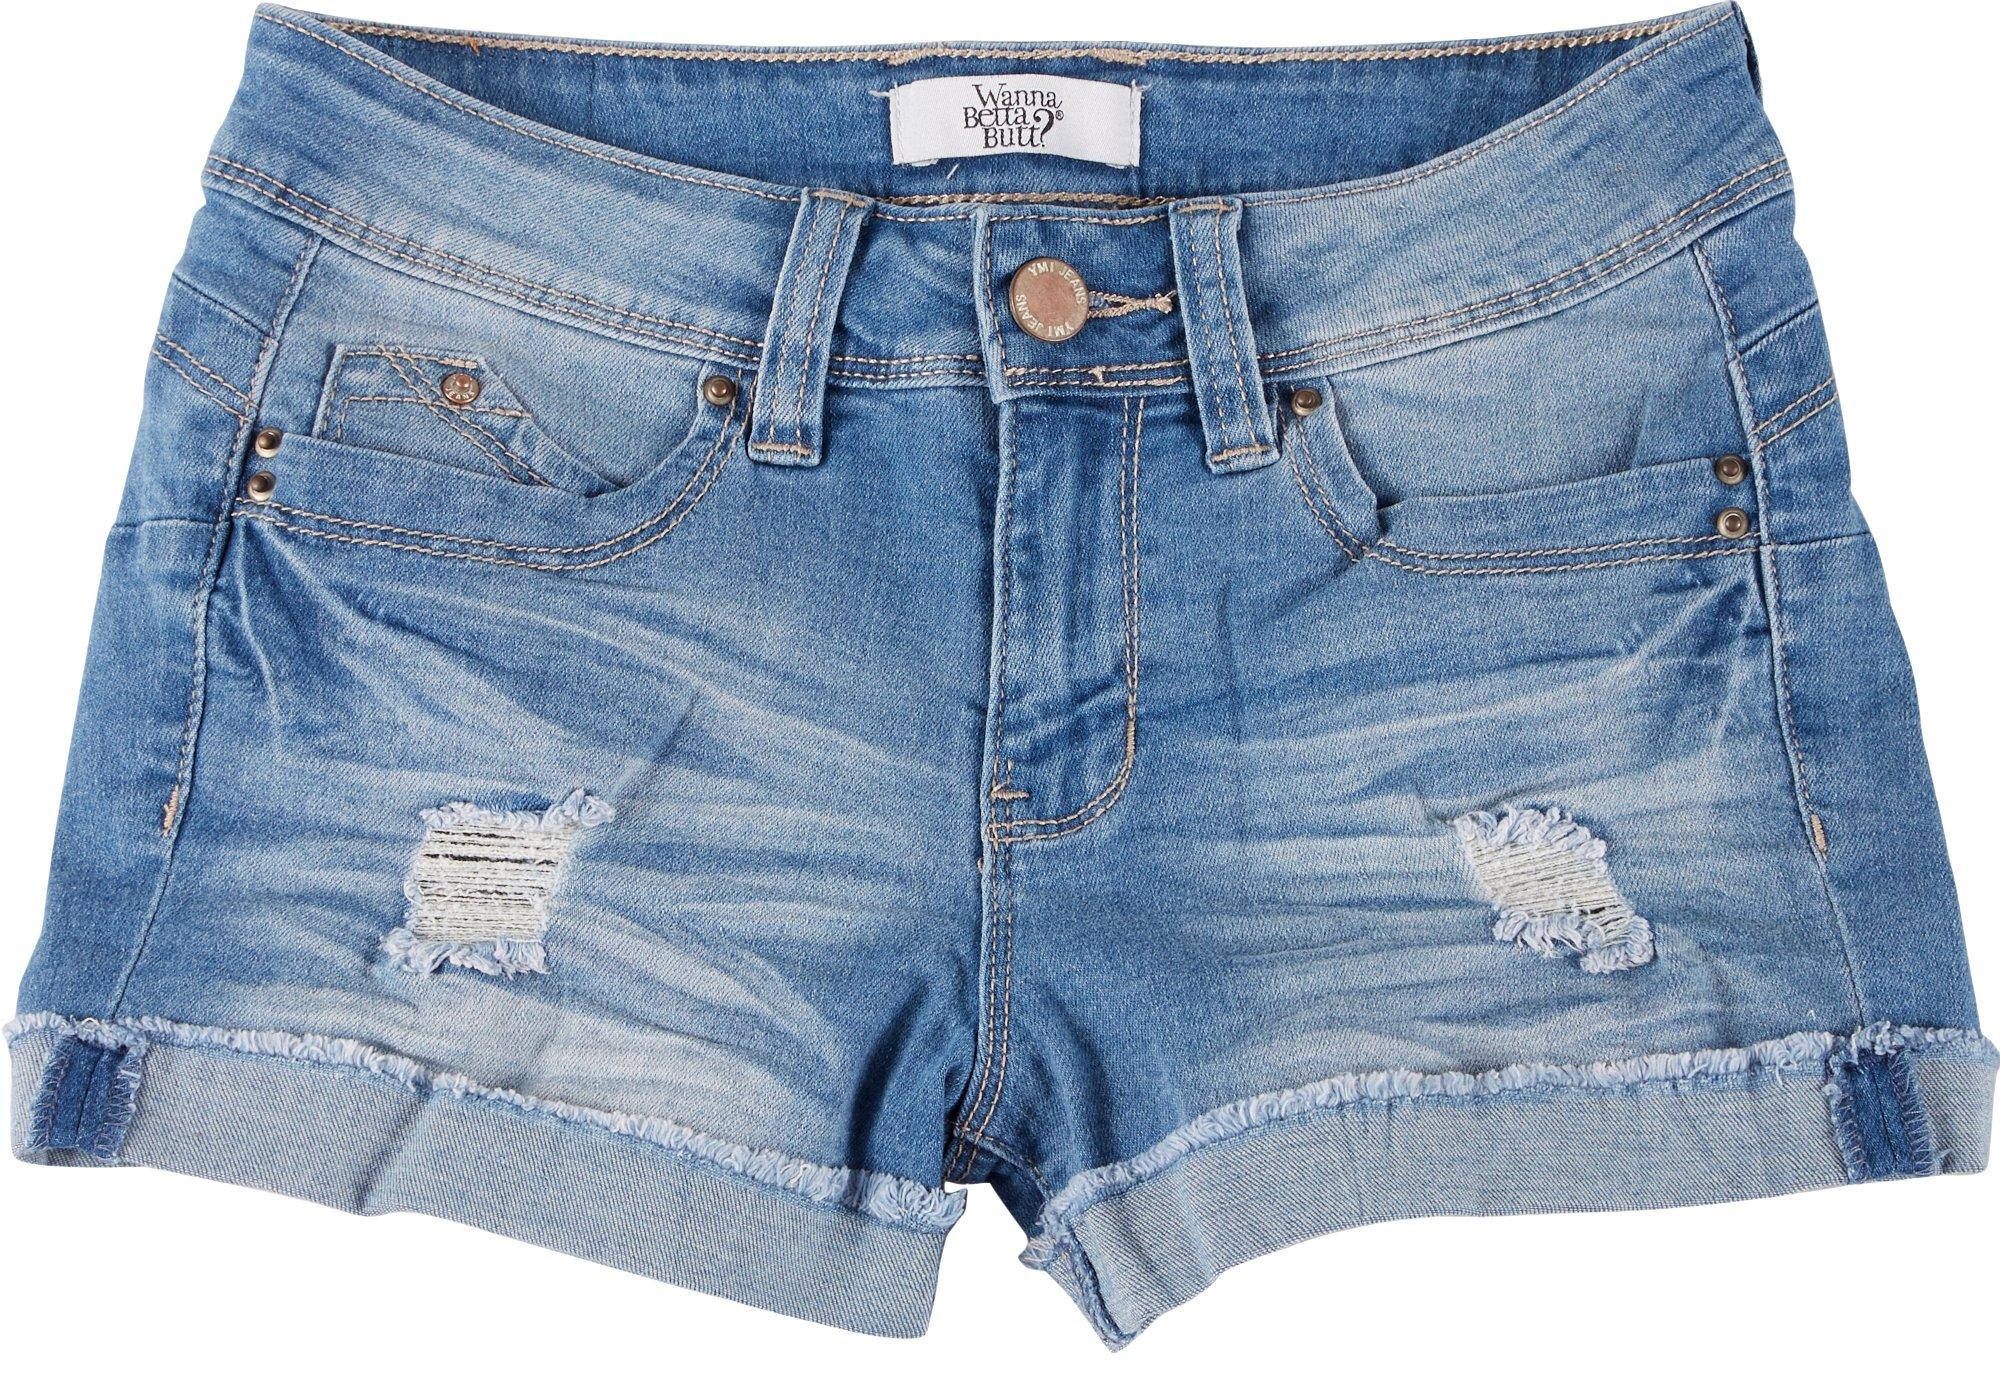 Juniors WannaBettaButt? Denim Shorts